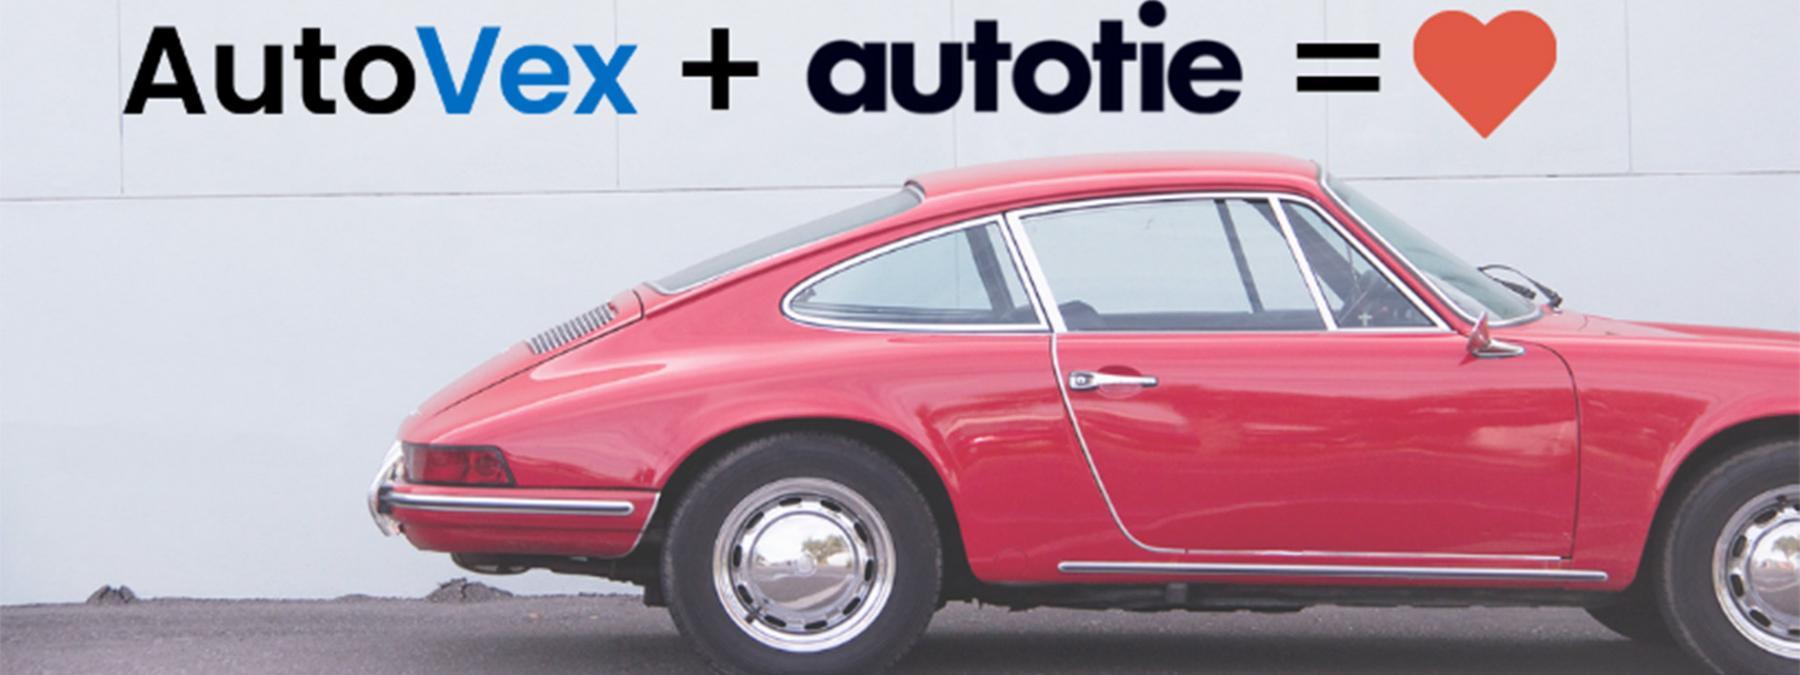 AutoVex uuteen jännittävään yhteistyöhön Autotien kanssa.